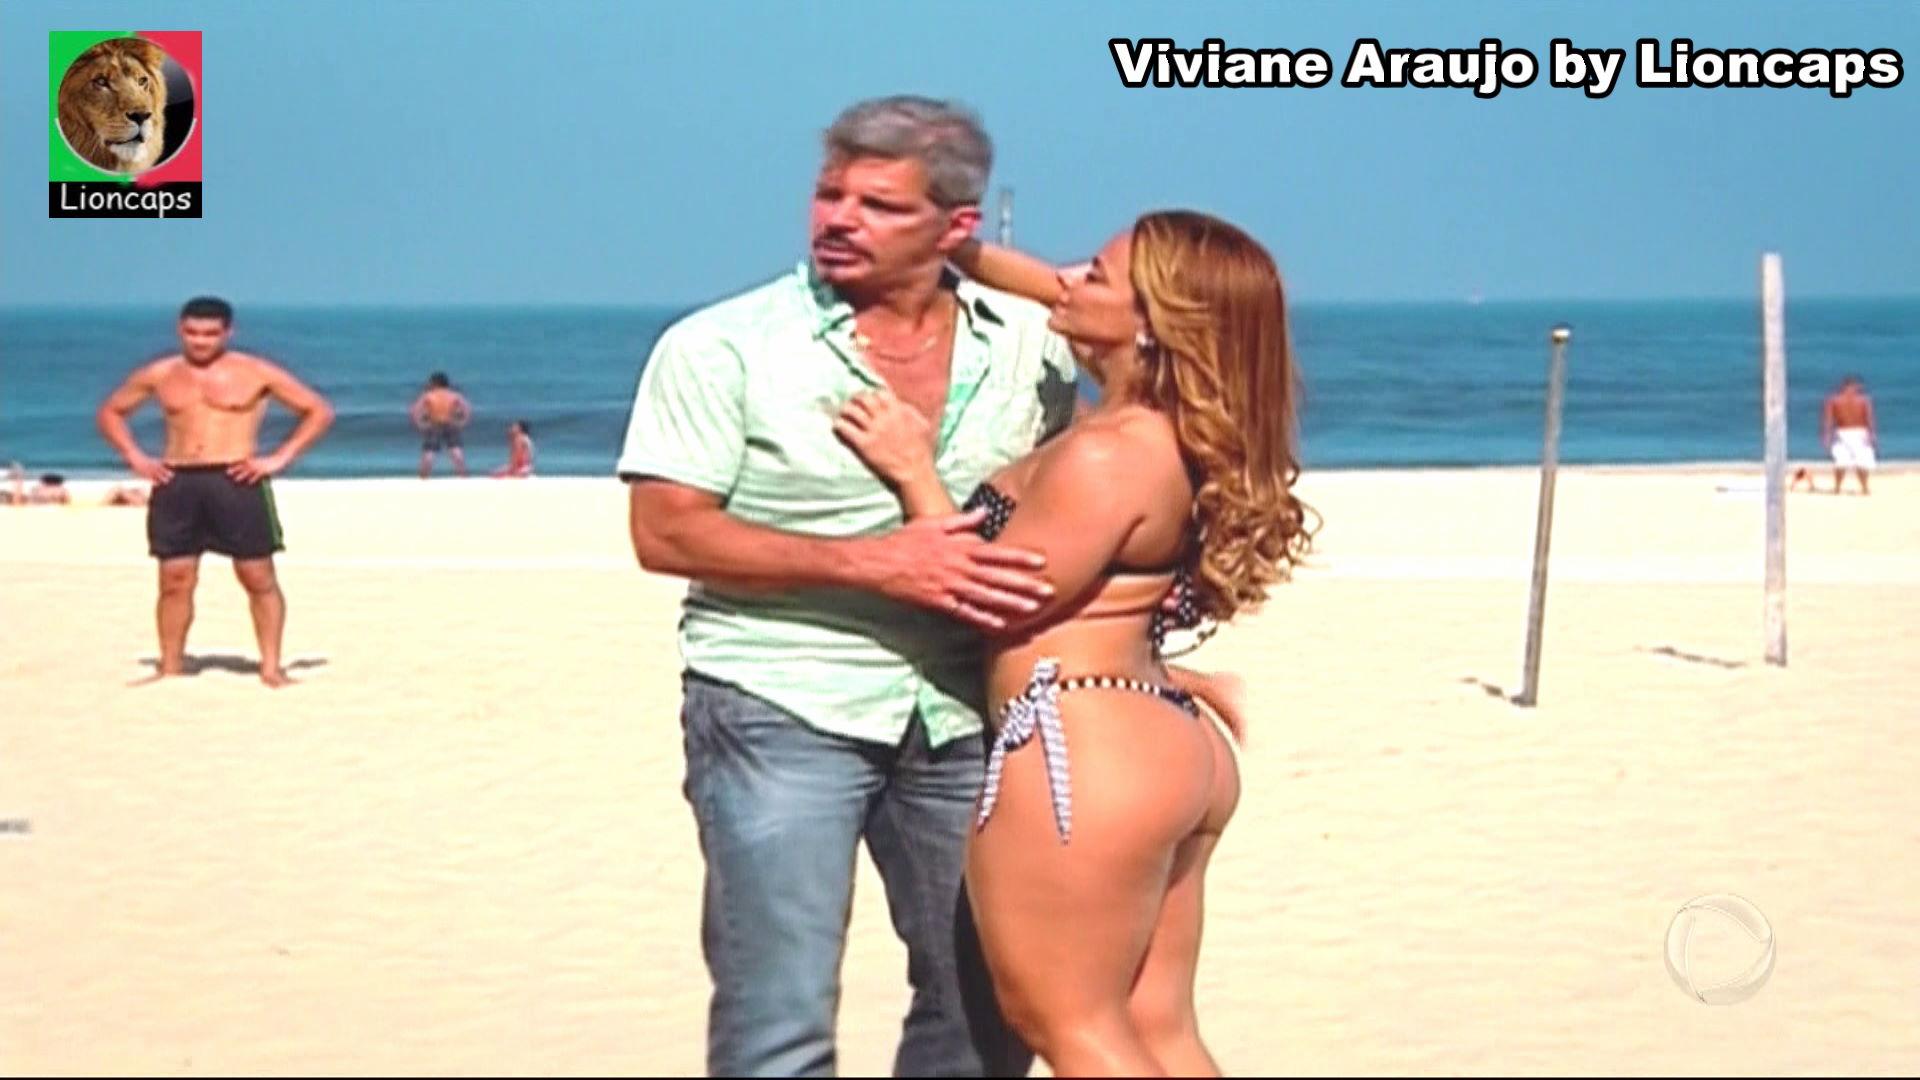 787349608_viviane_araujo_bela_vs190305_05718_122_338lo.JPG